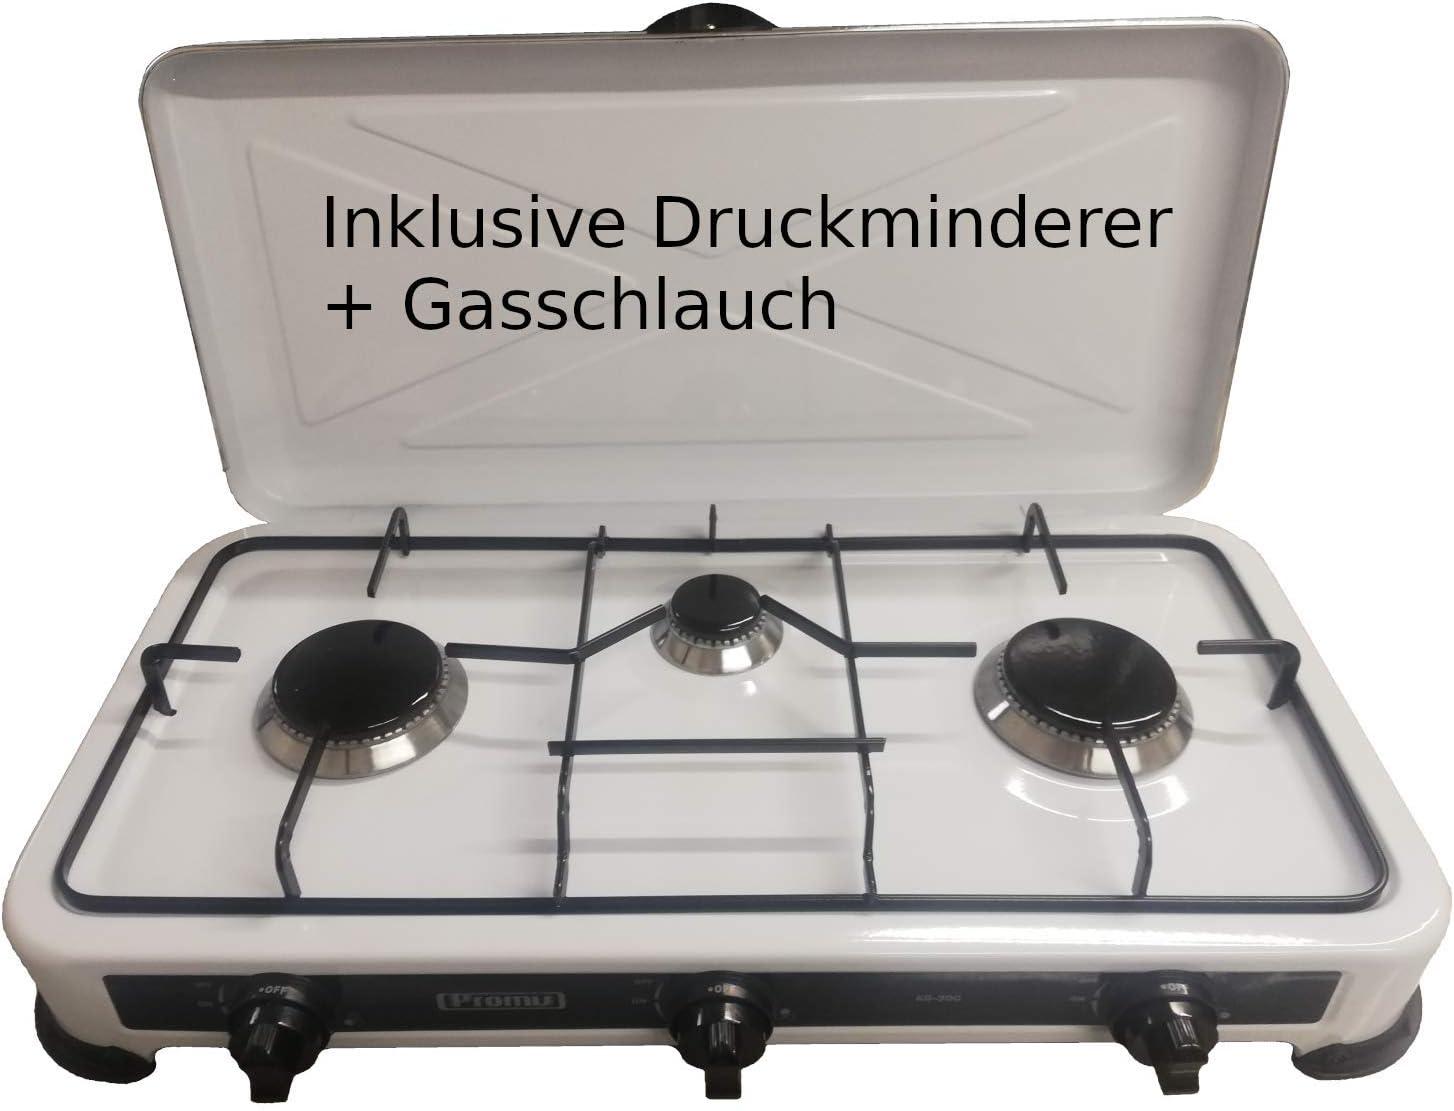 hobs Hornillo de gas cocina de gas camping Horno camping Horno – Hornillo Incluye hobs 3 – Manguera de gas y Reductor de presión – TÜV Rheinland